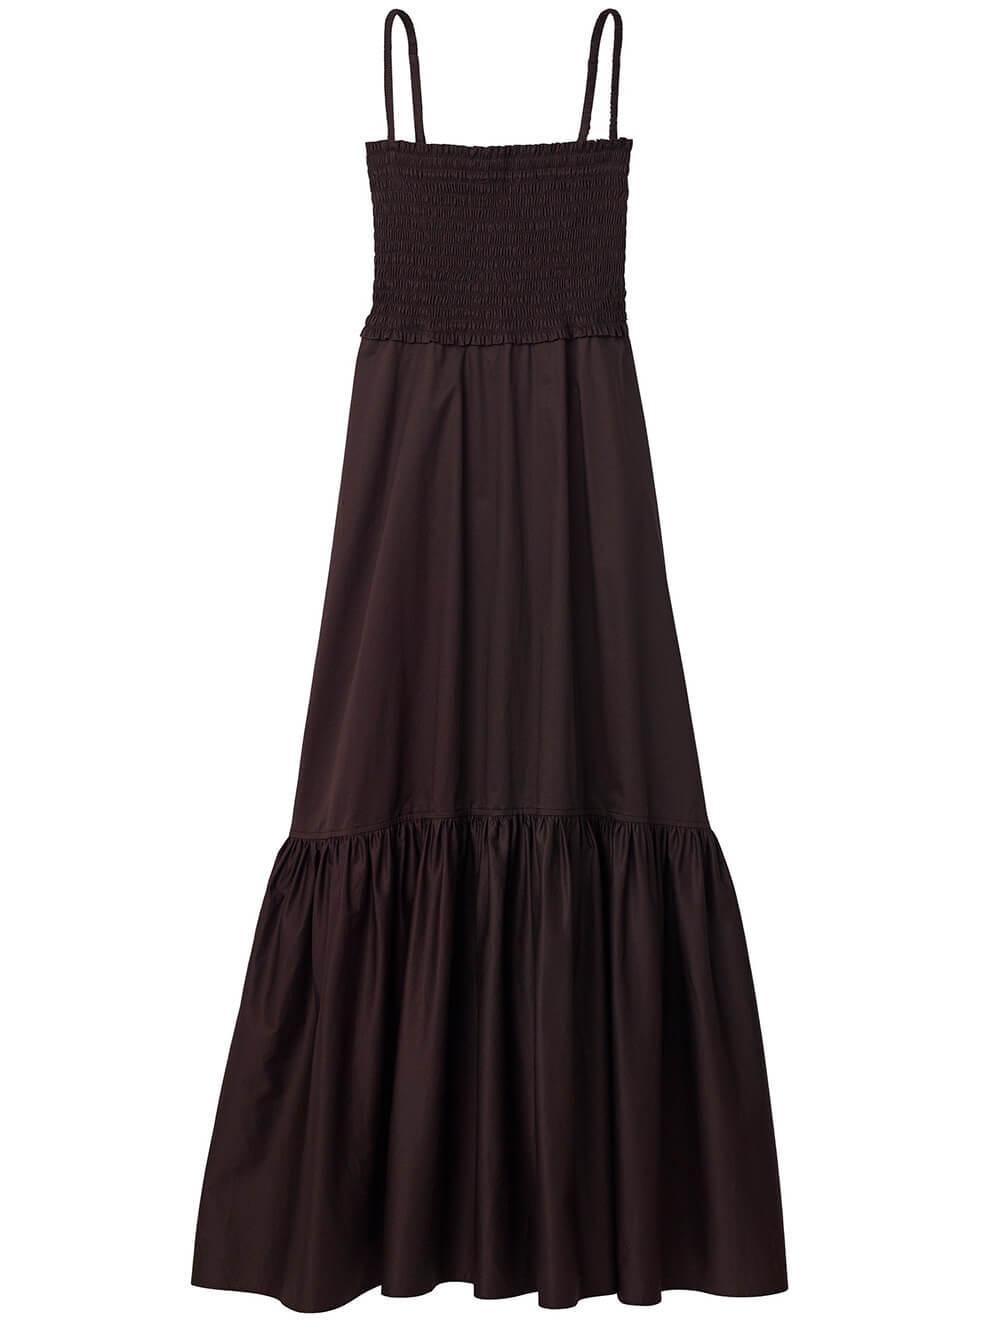 Austyn Maxi Dress